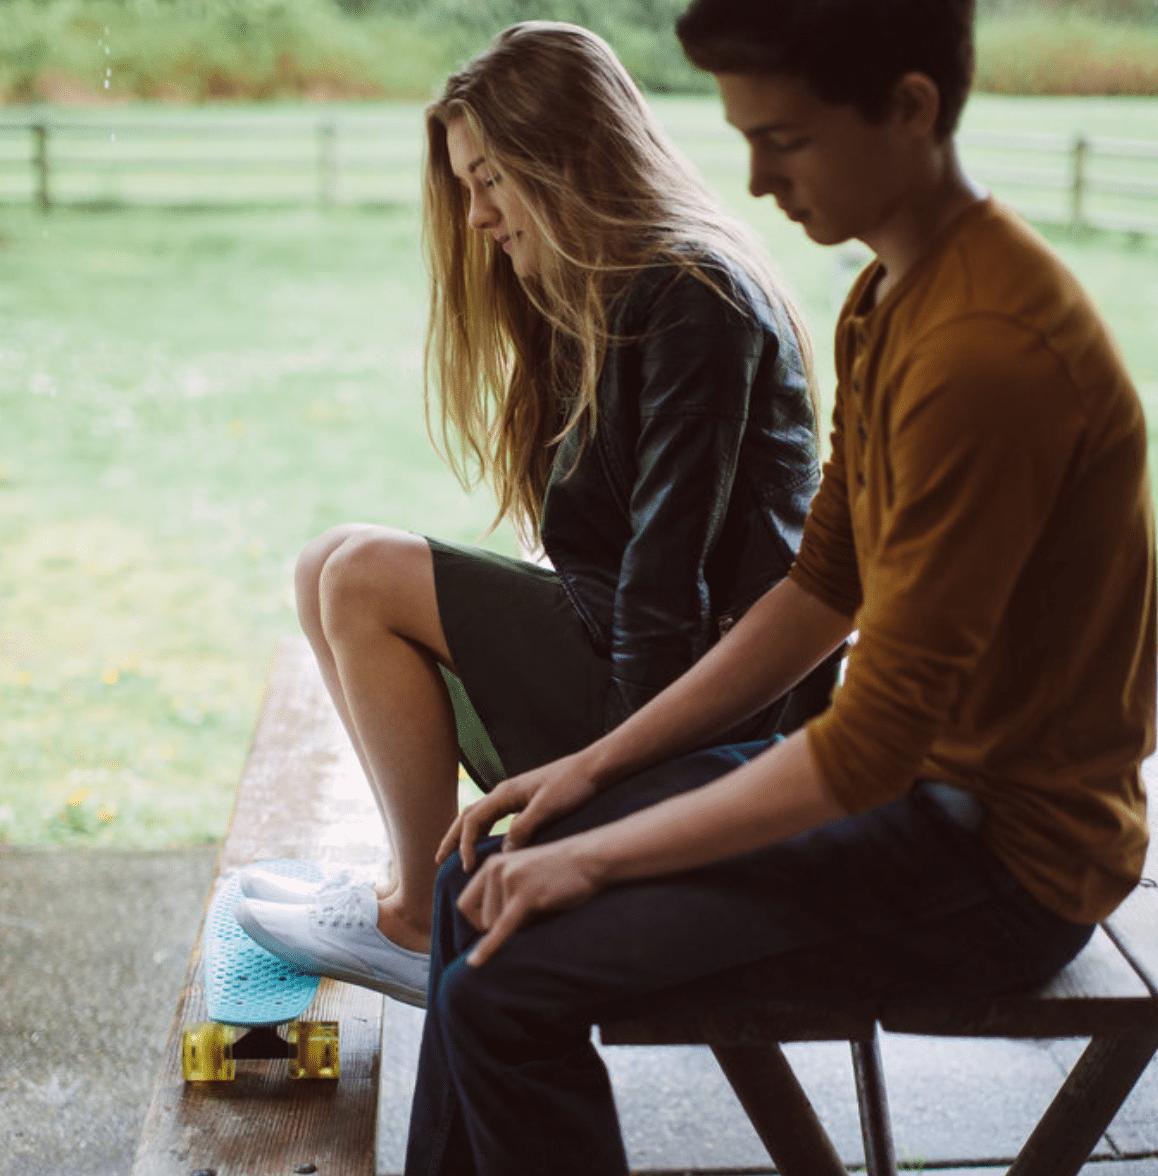 Breadcrumbing in dating